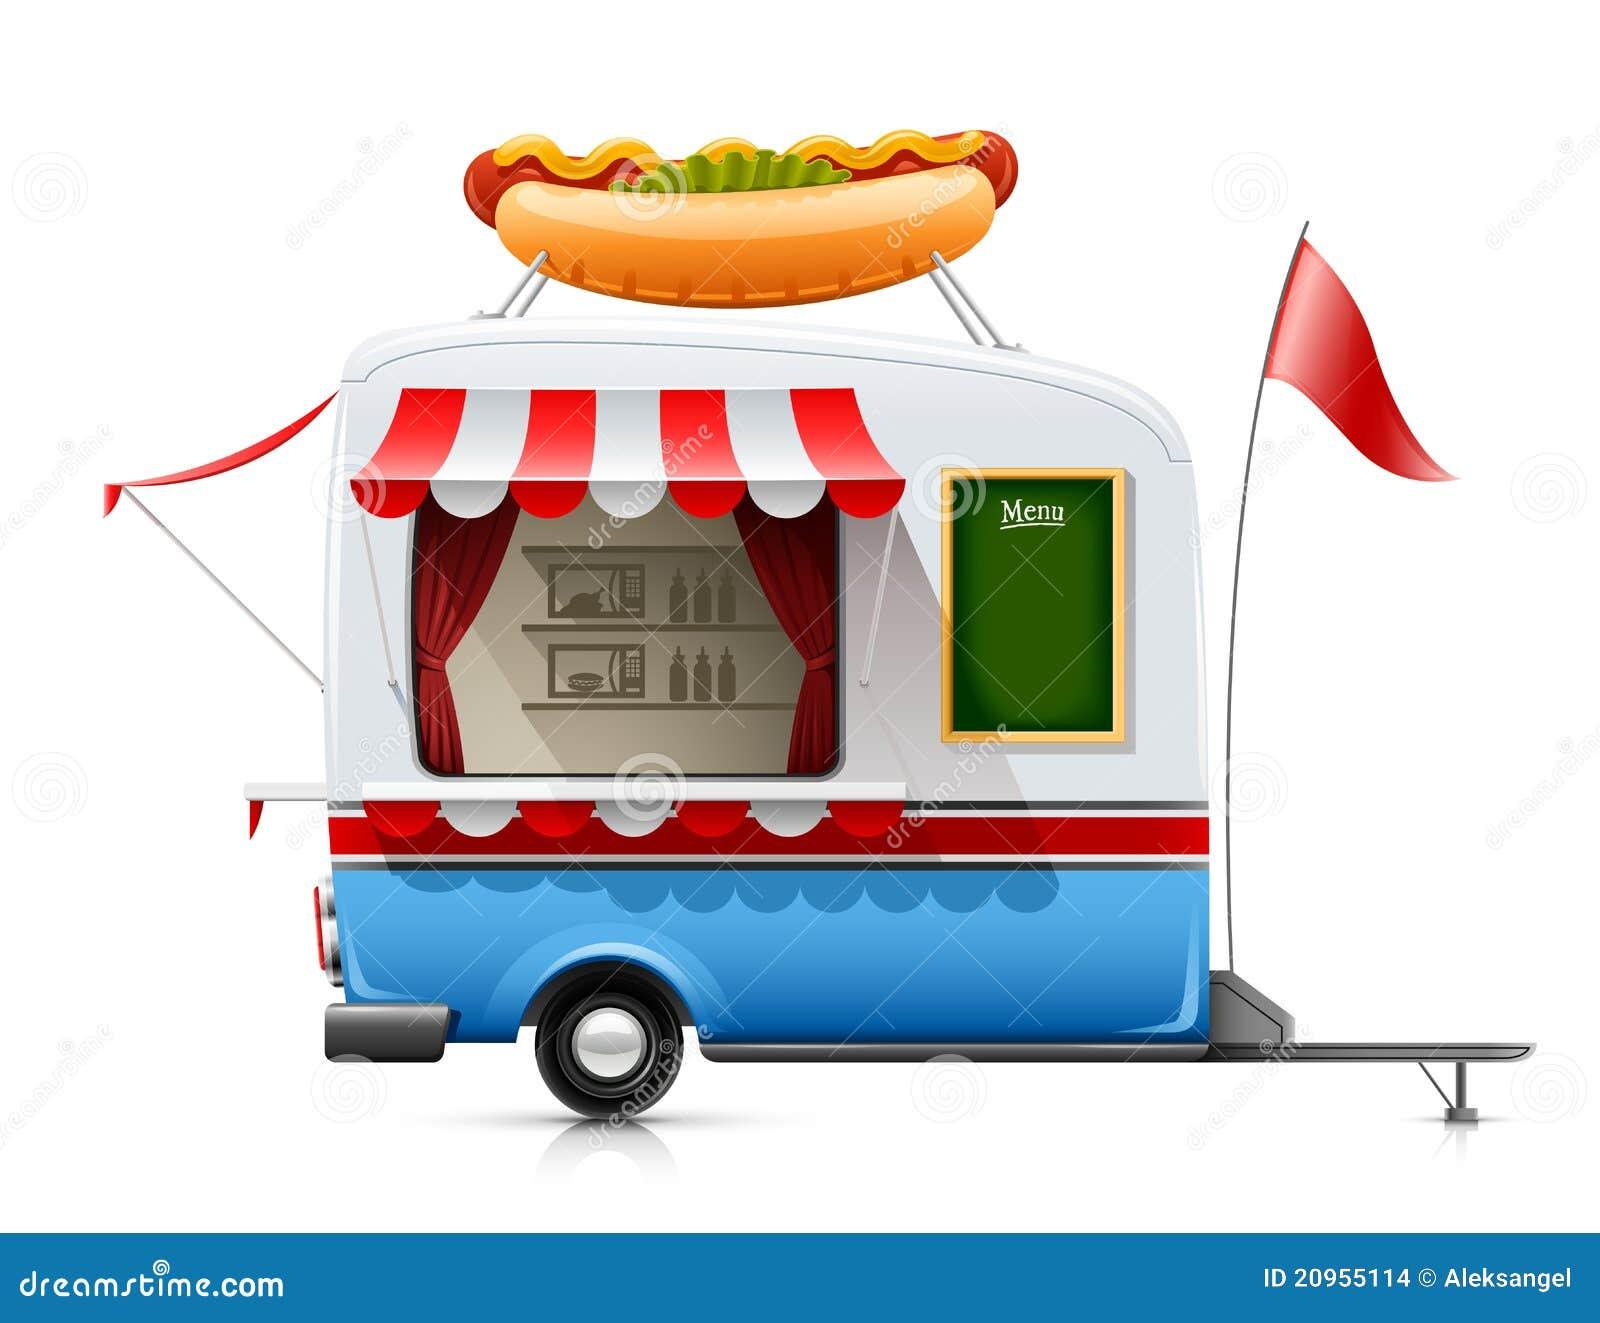 Hot Dog Cart Business Plan Free